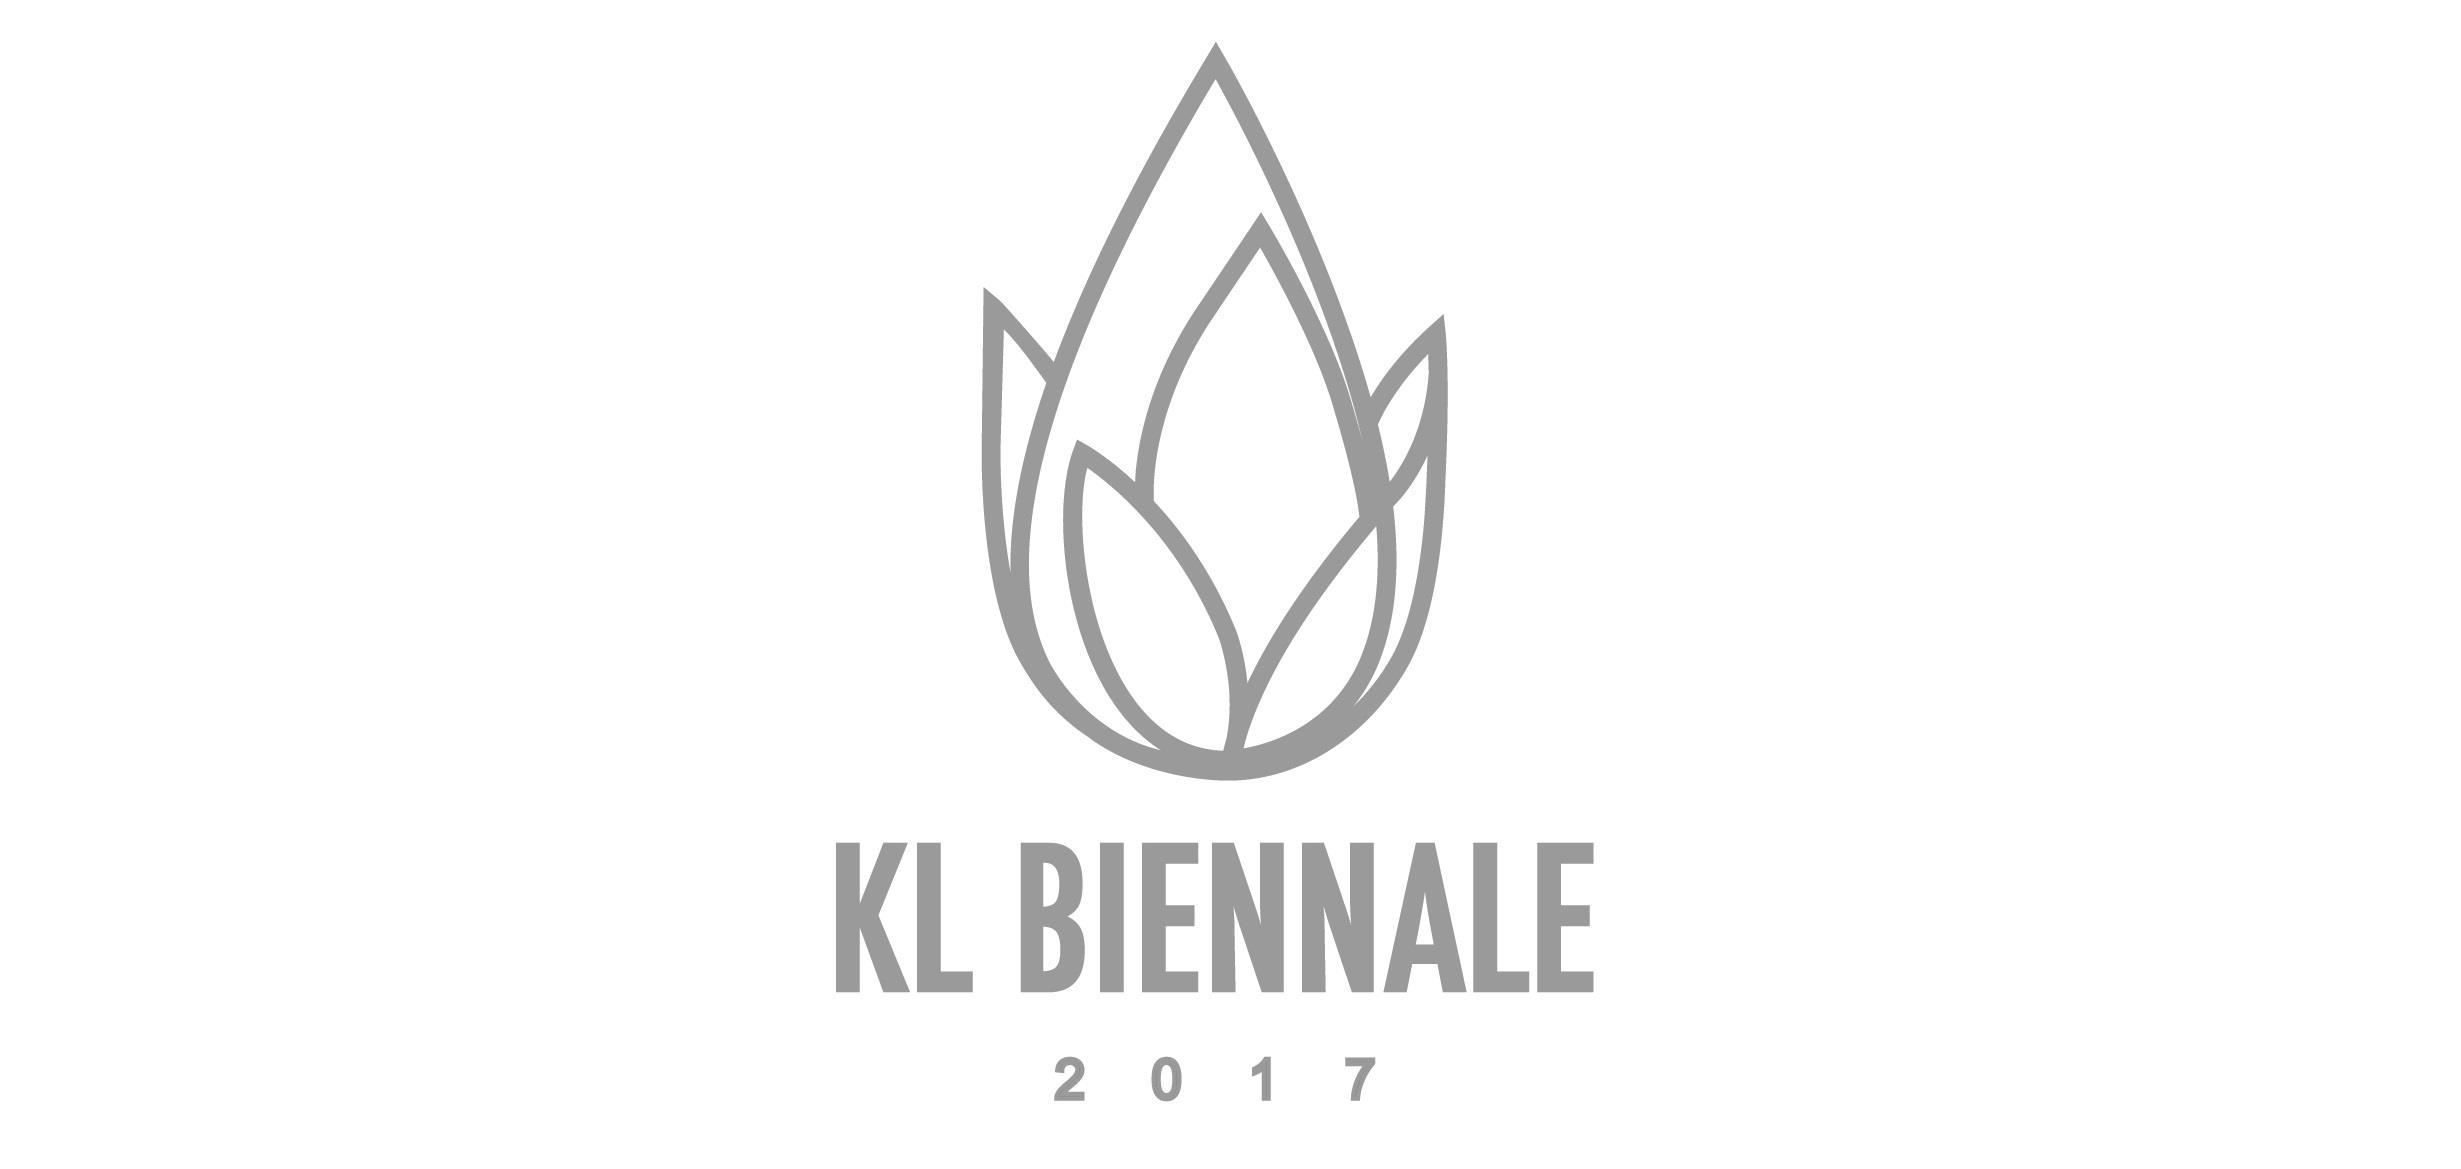 KL Biennale logo.jpg